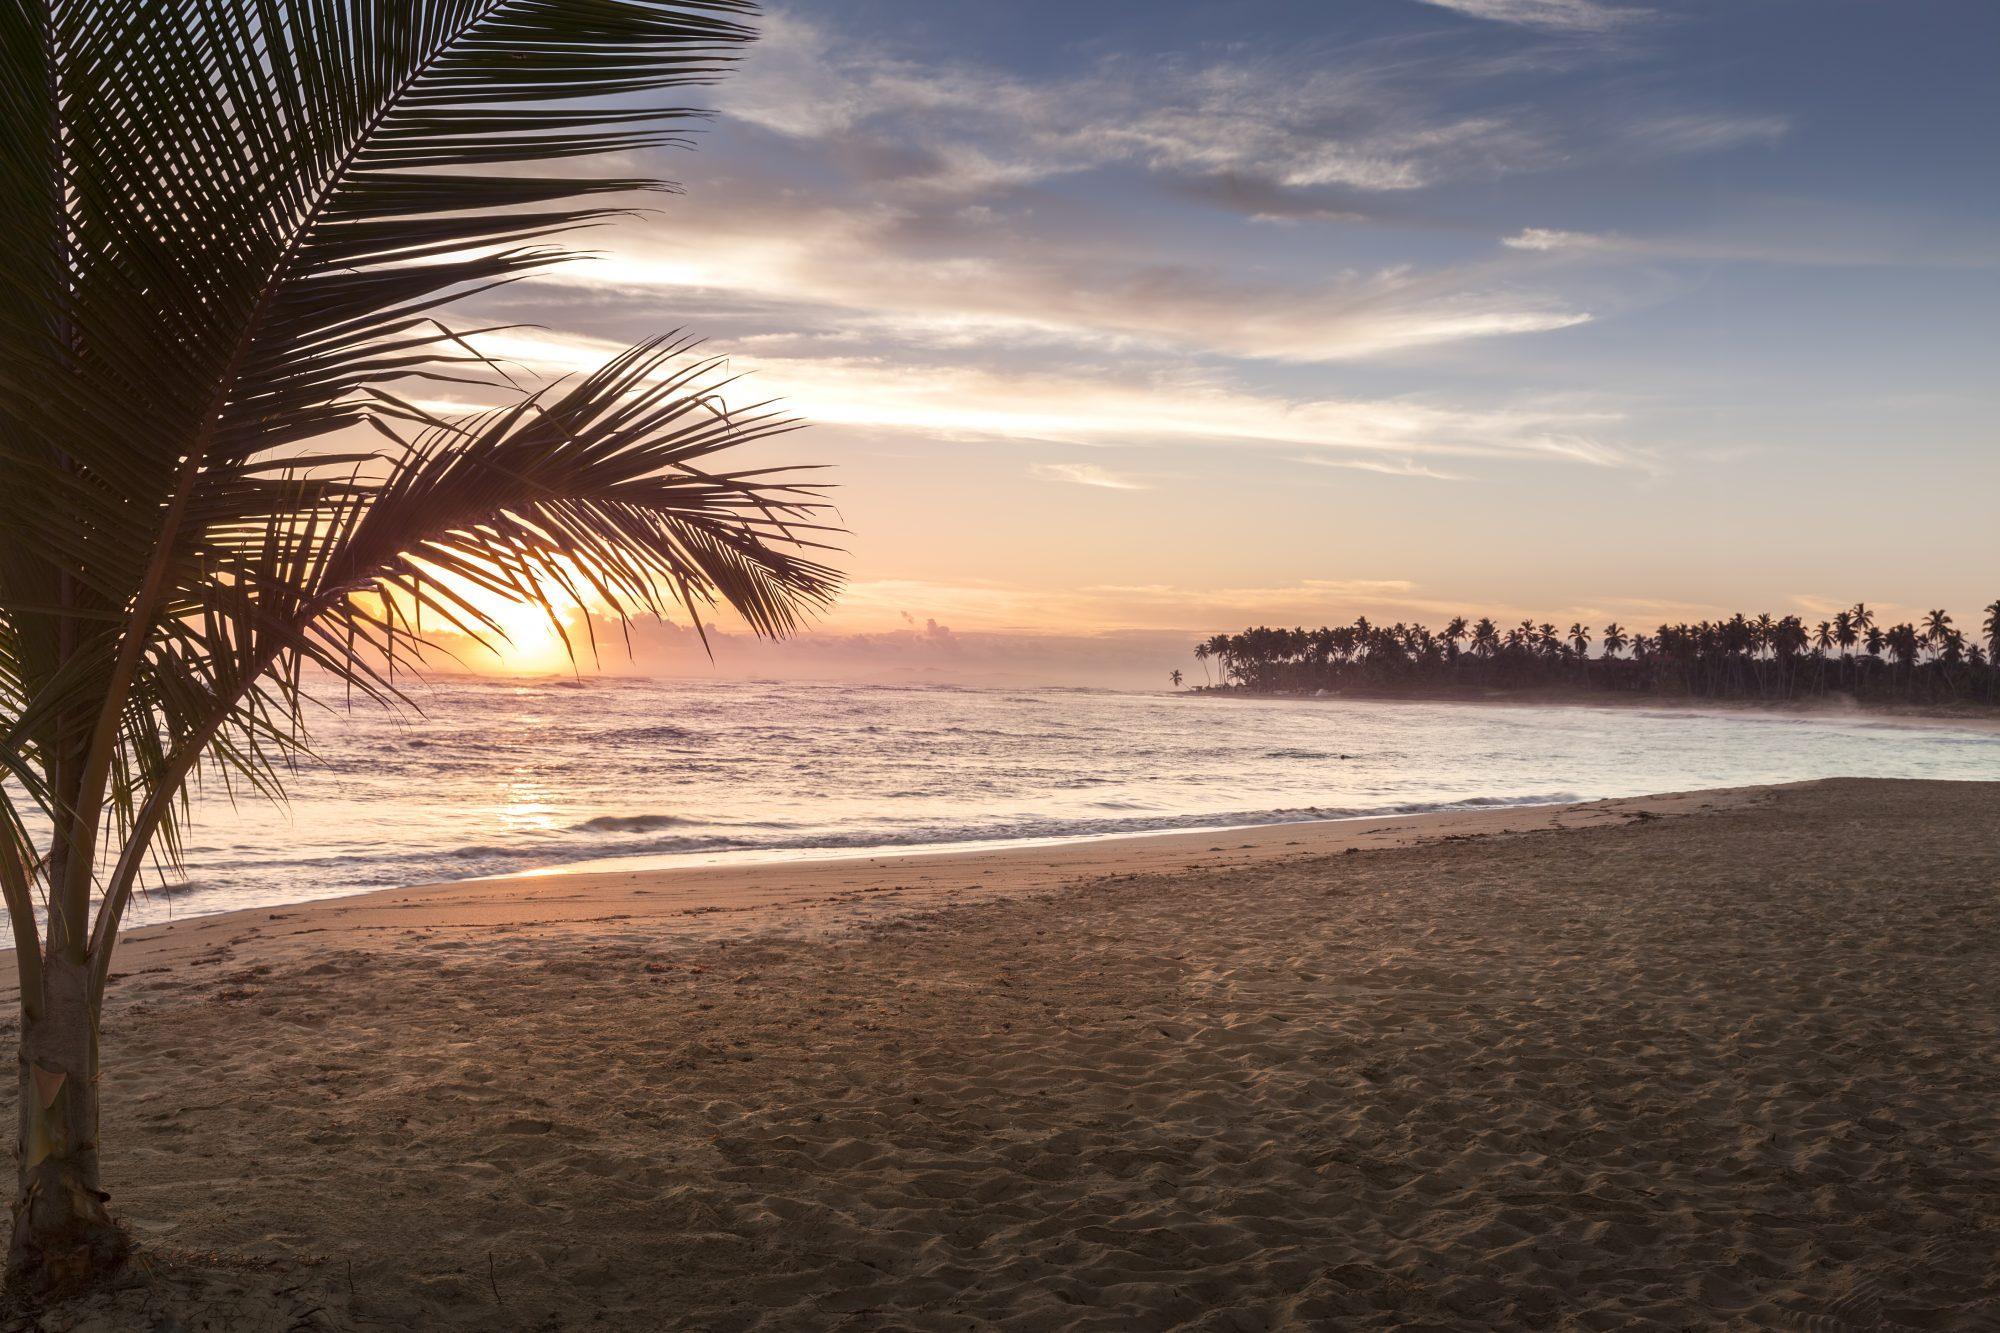 Tropical Beach Sunrise in Punta Cana, Dominican Republic